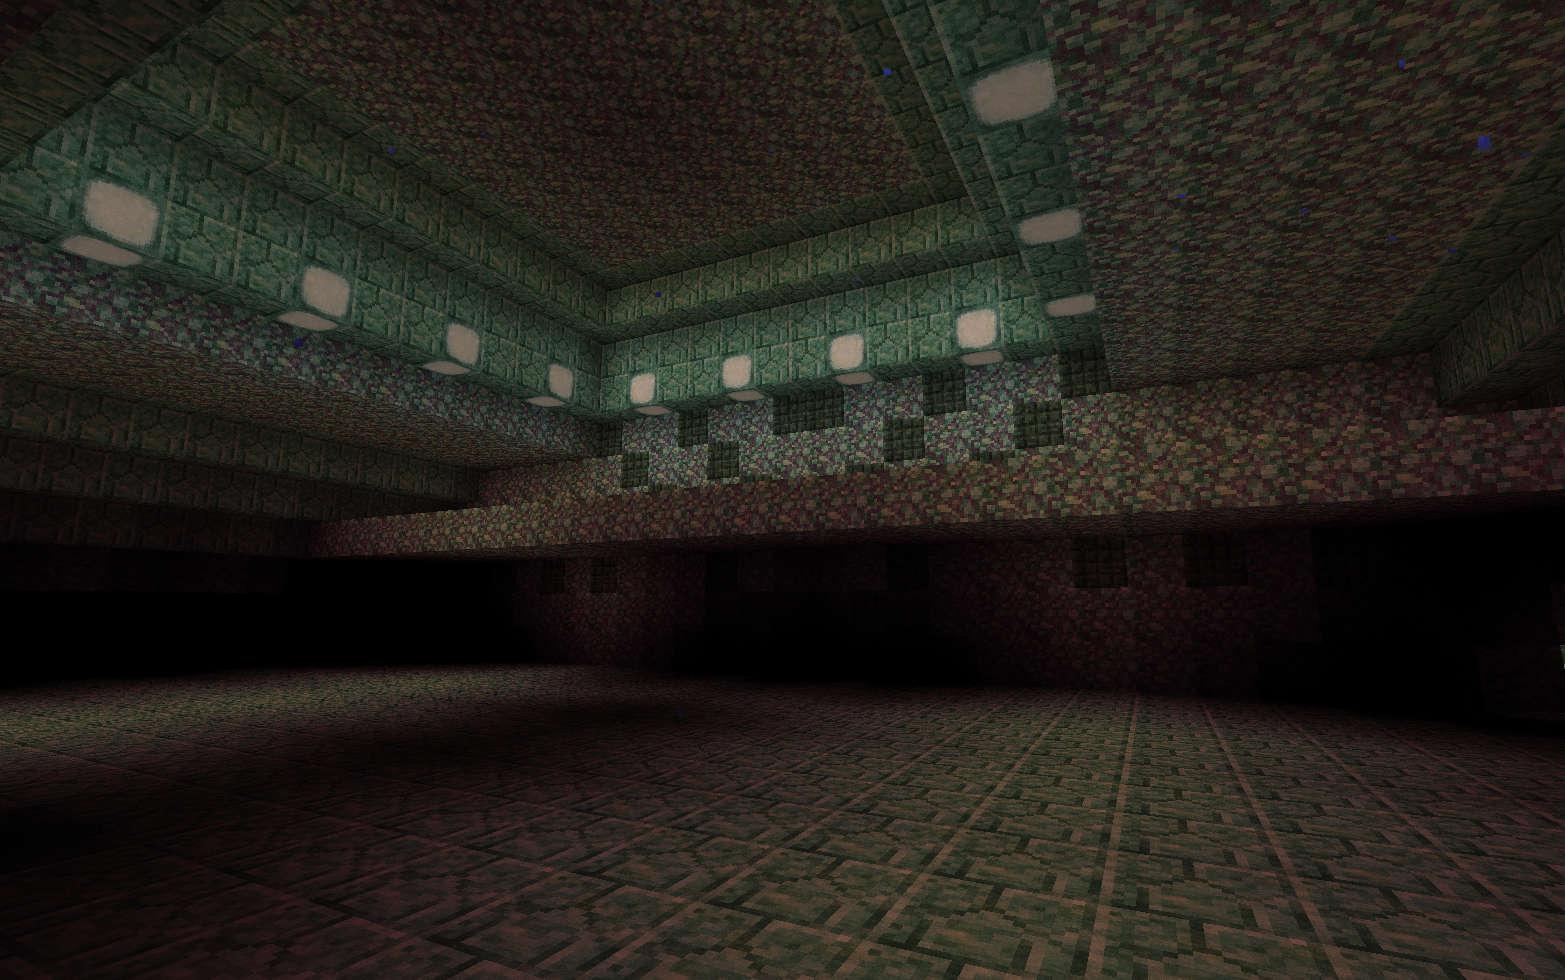 海底神殿内部